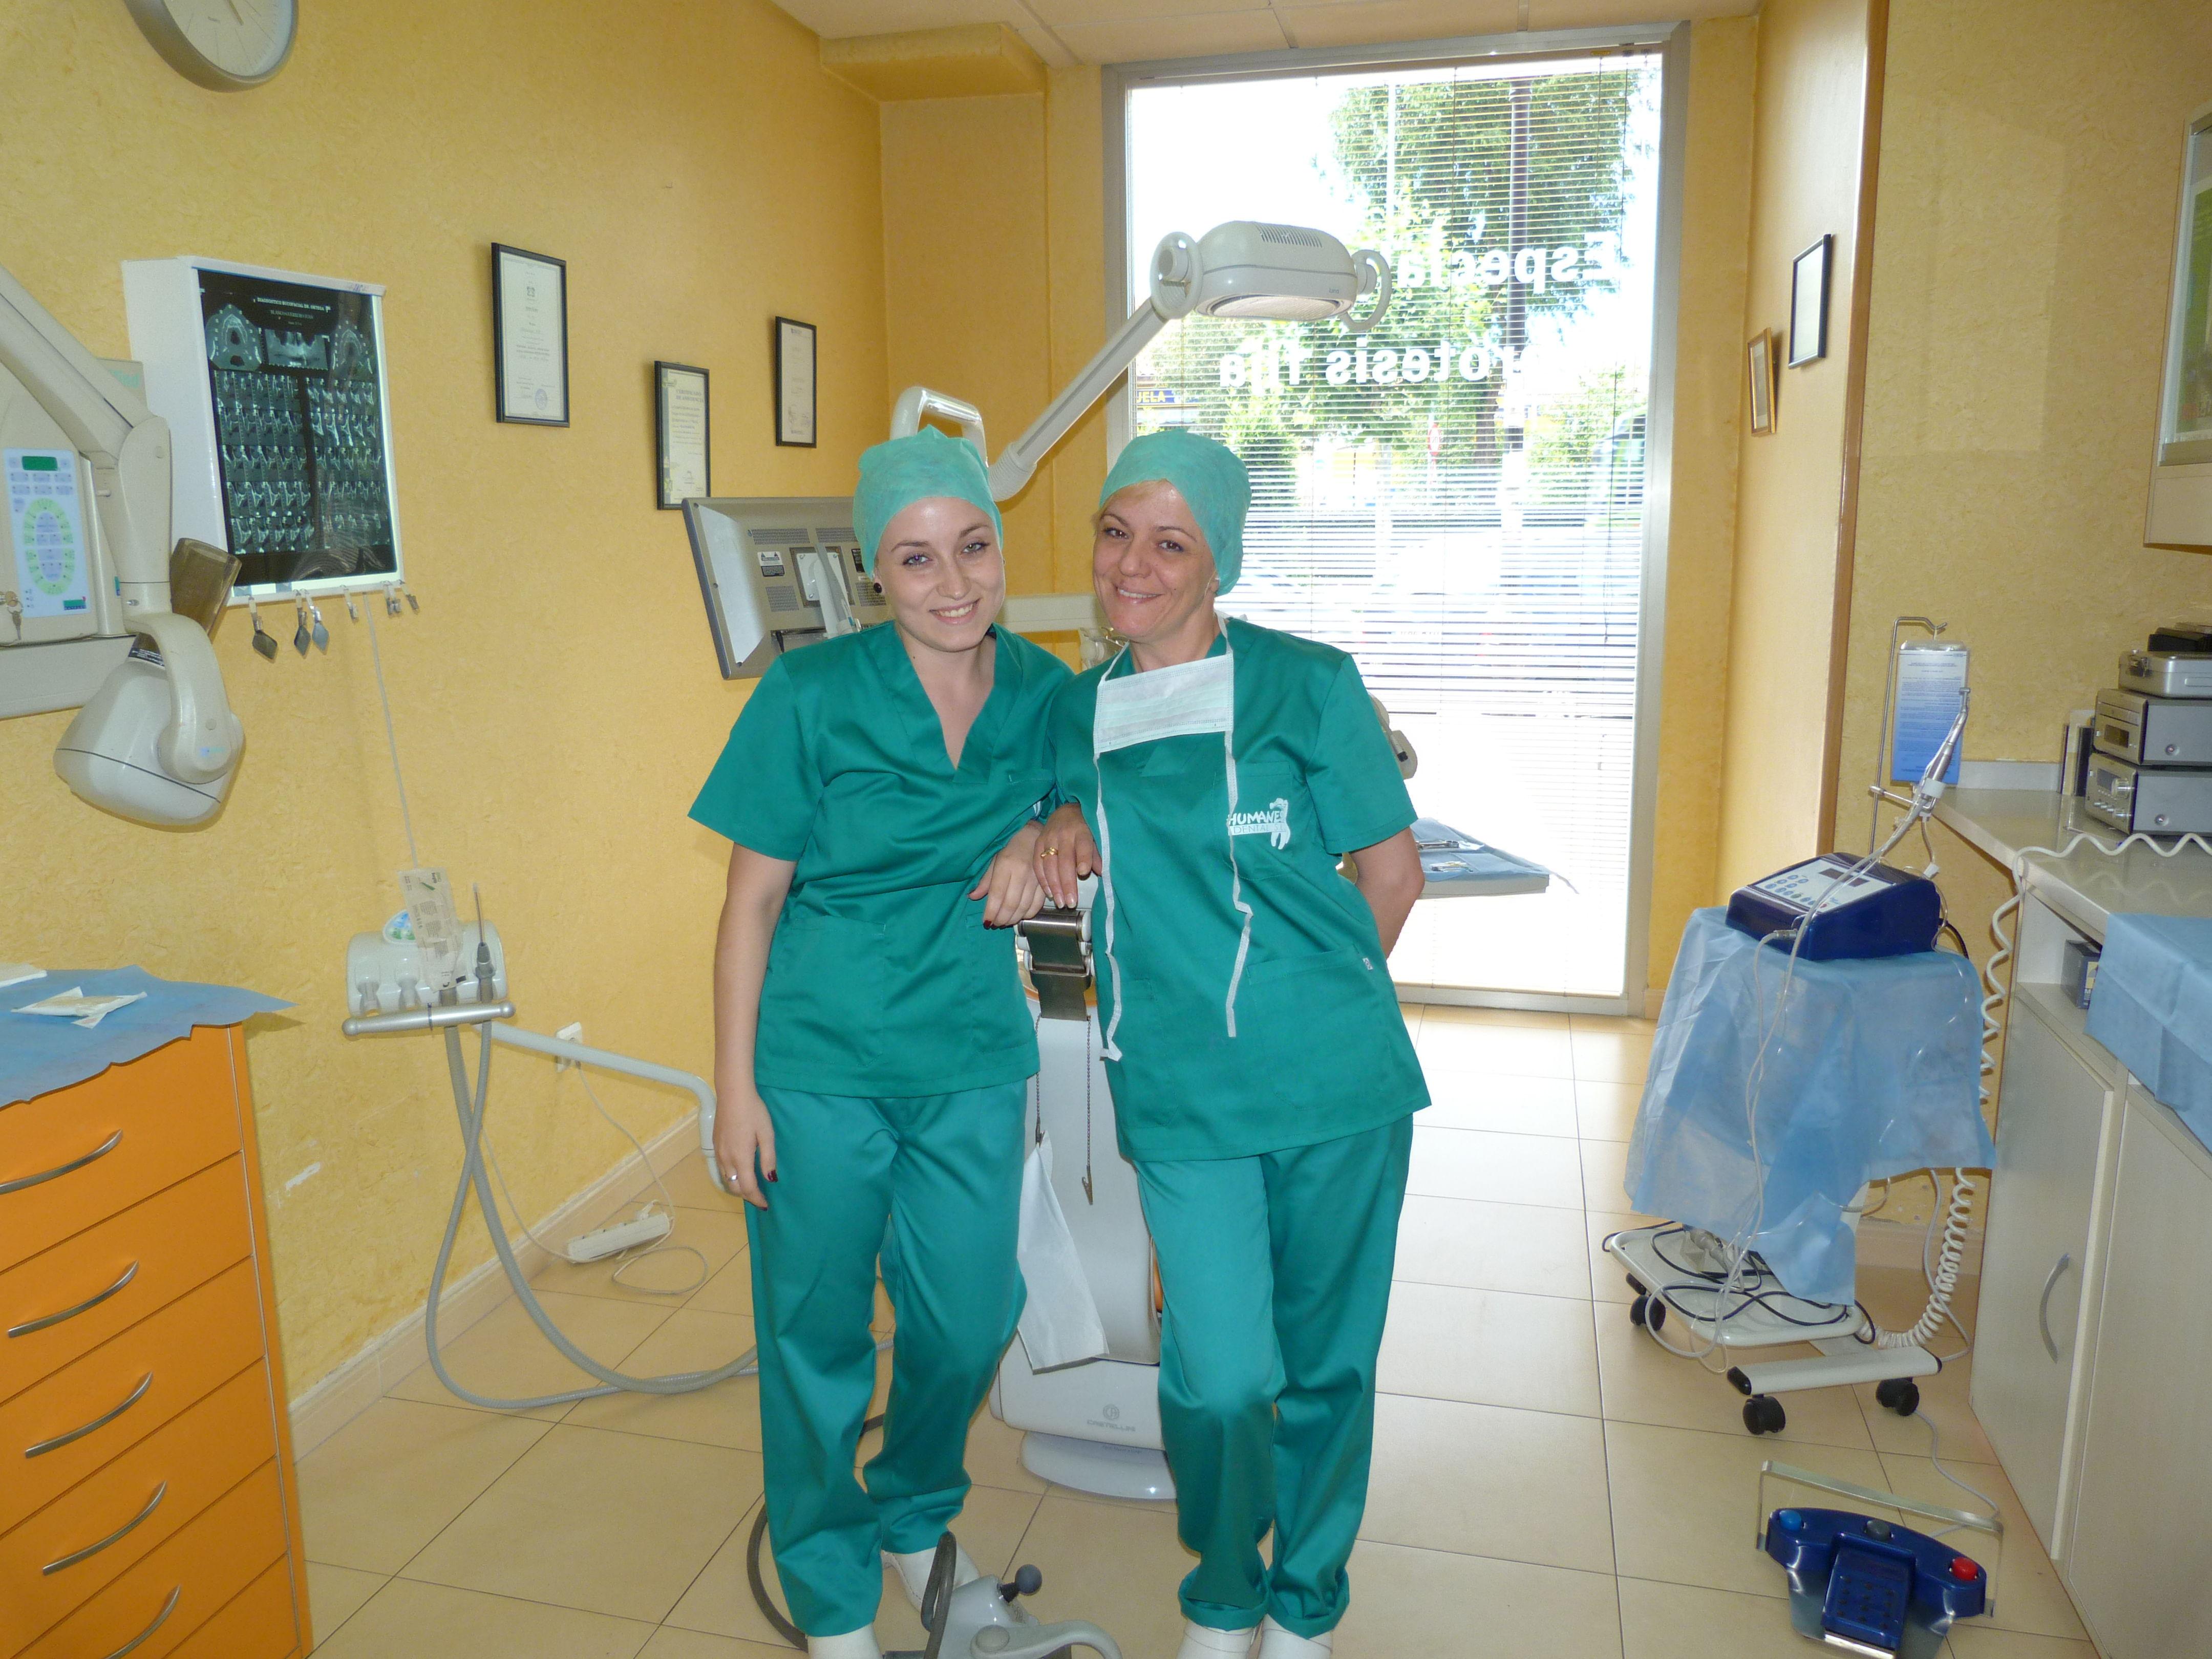 Foto 1 de Dentistas en Humanes de Madrid | Humanes Dental, S.L.